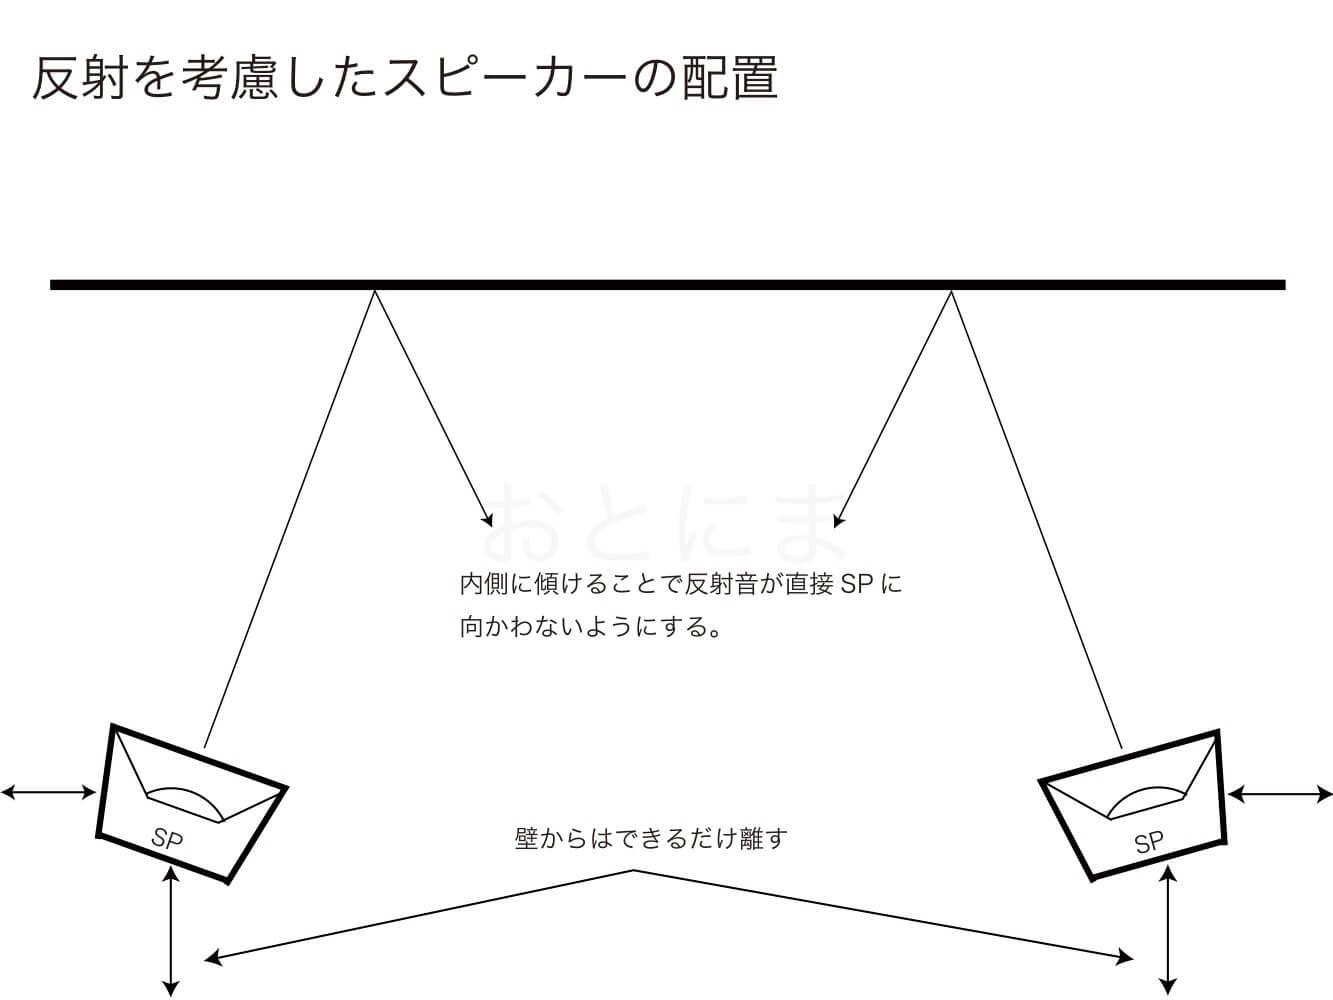 スピーカーの配置方法